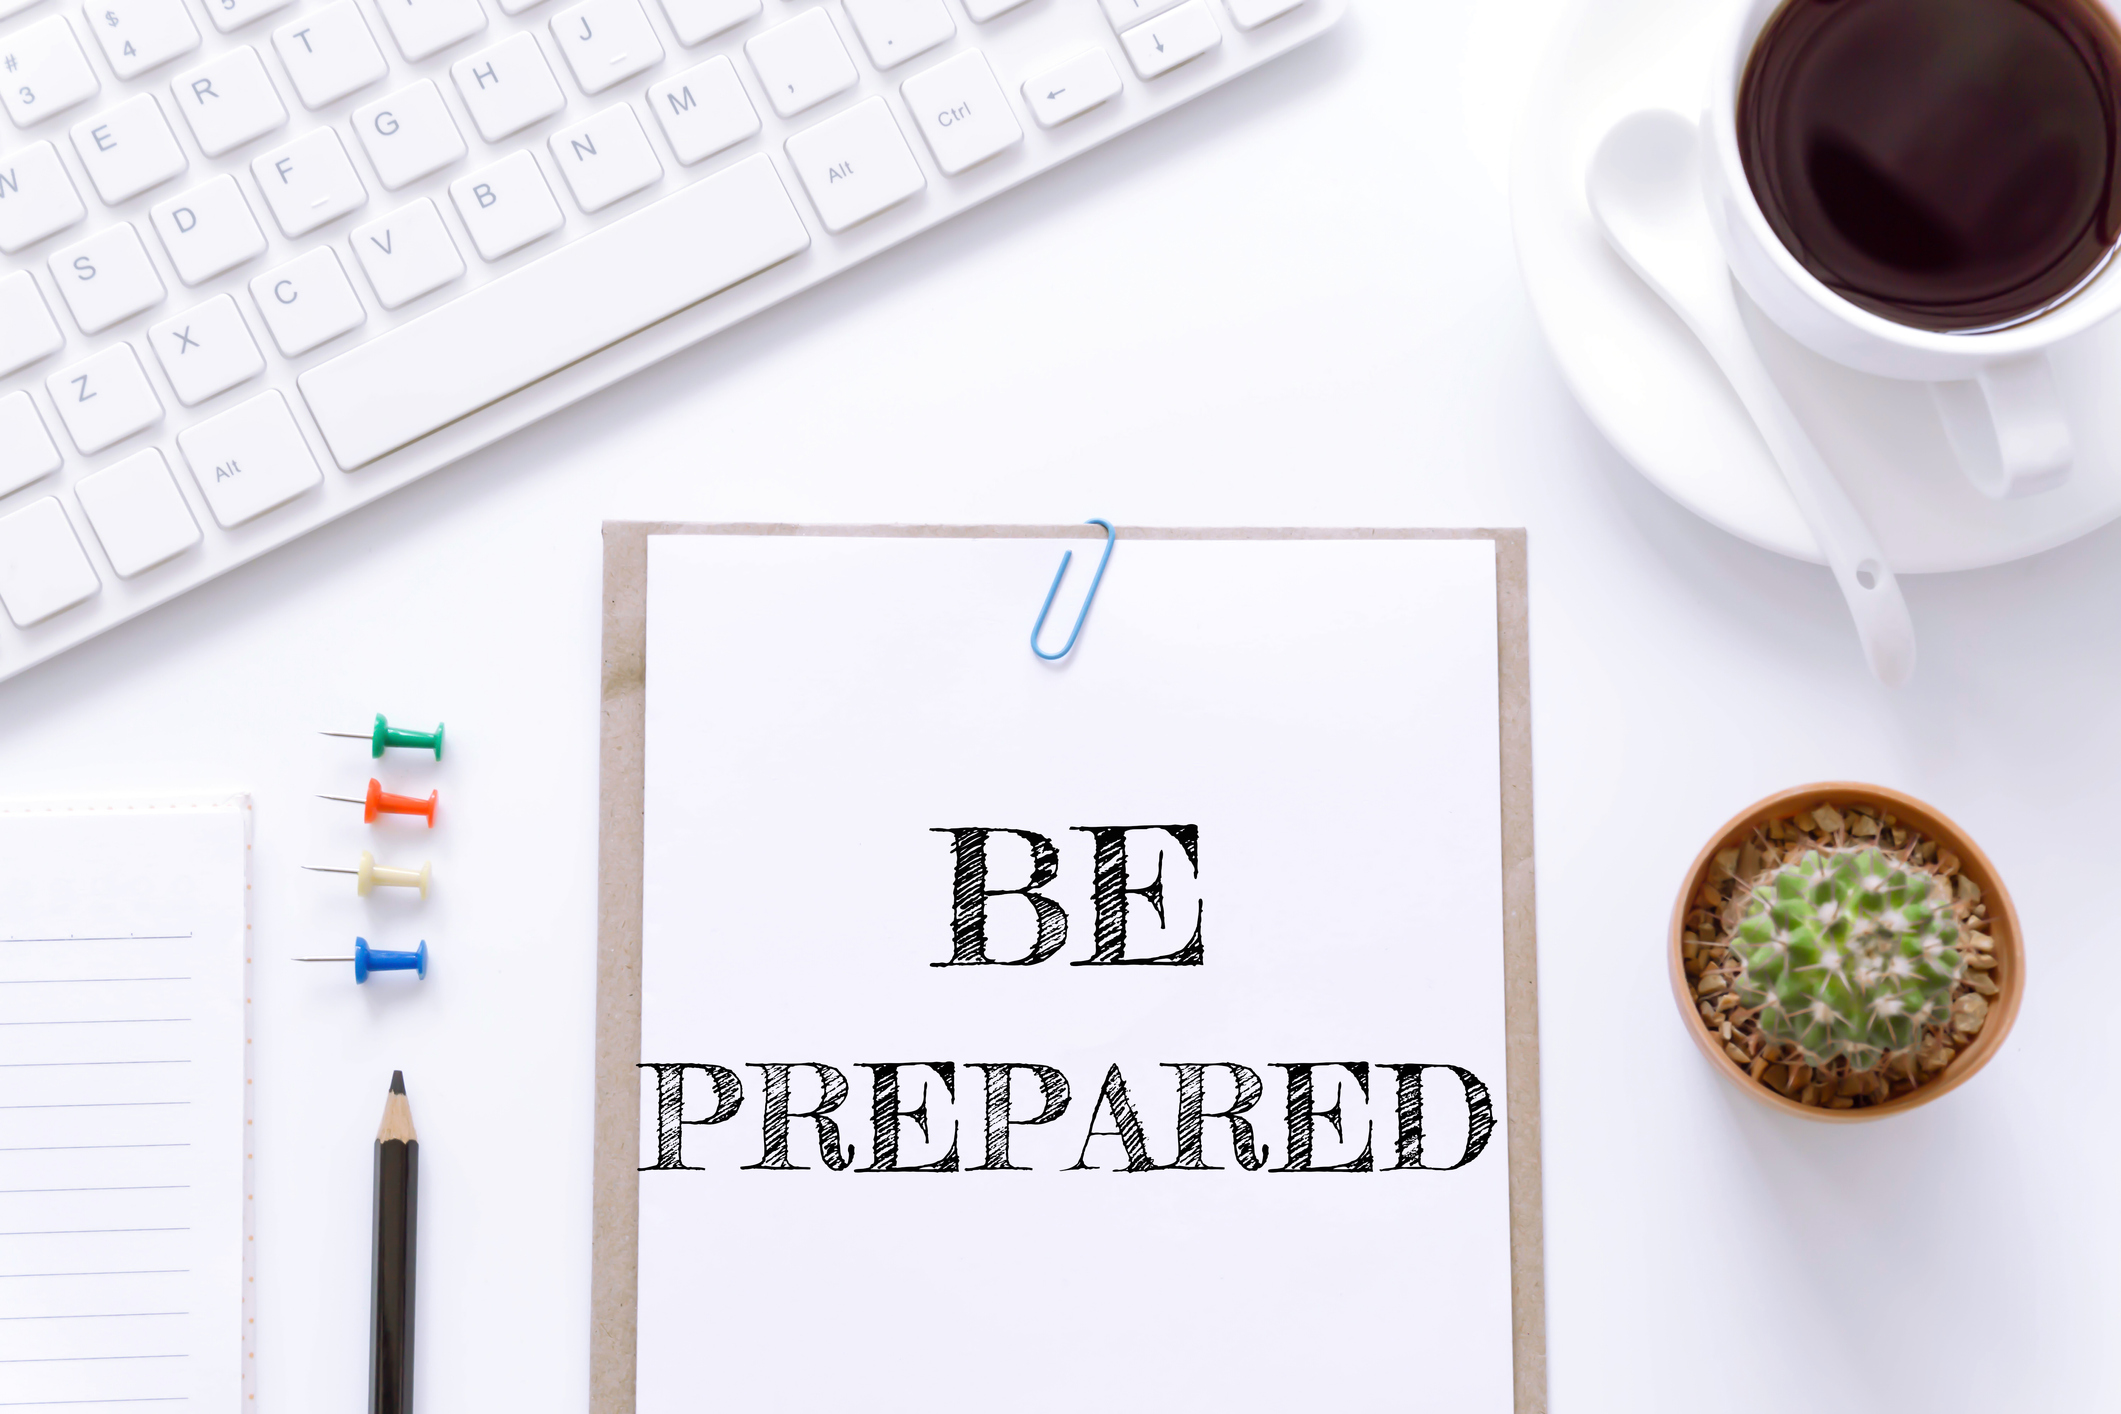 businessplanwriting